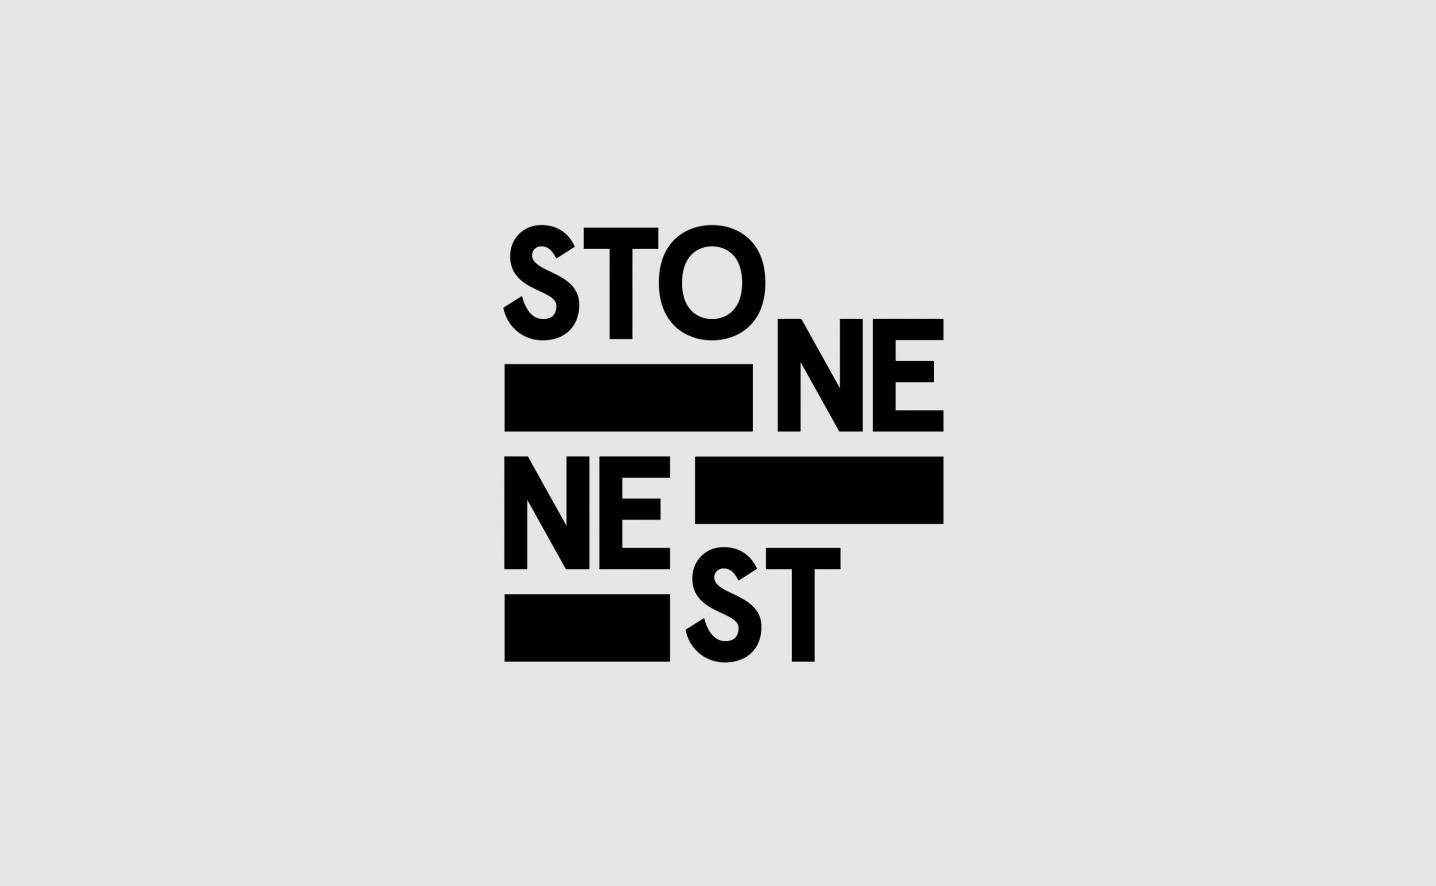 StoneNest1